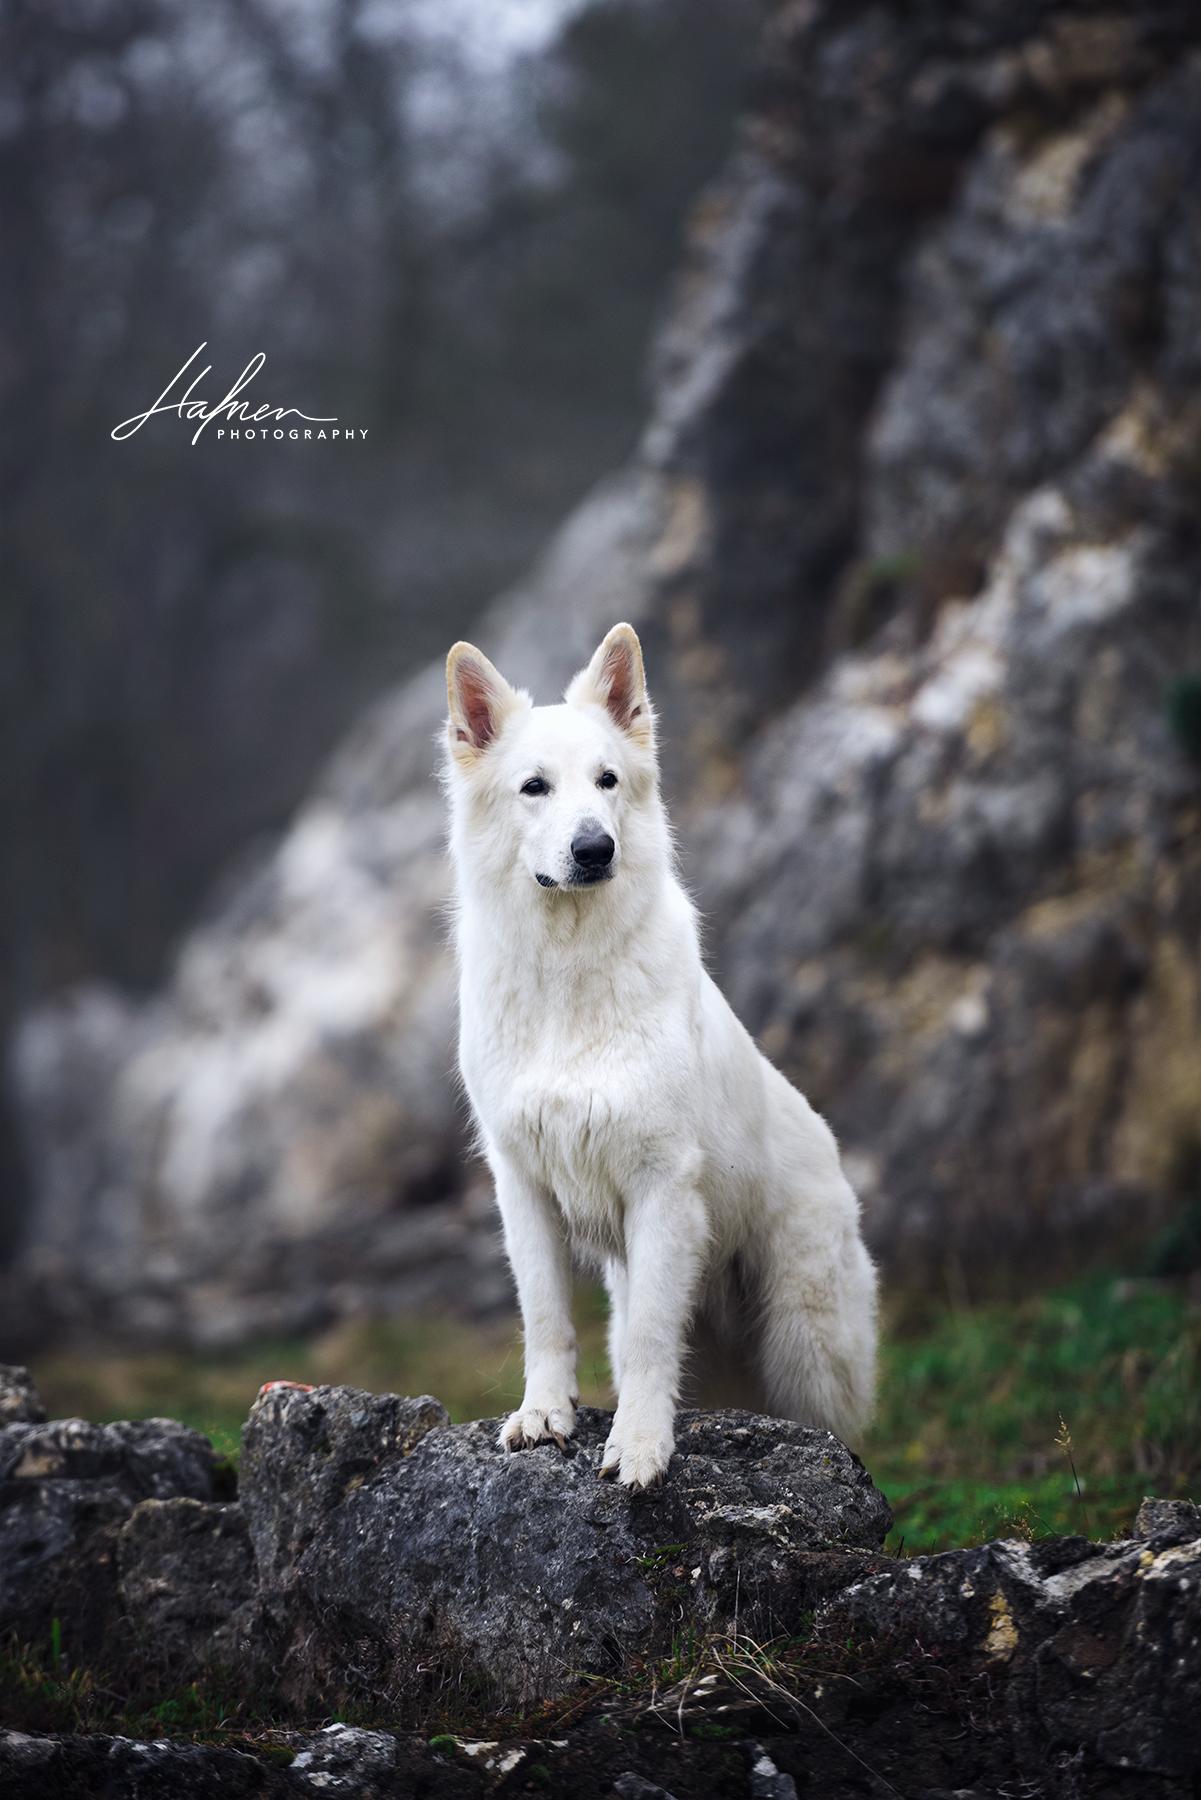 Schweizer Weisser Schaferhund Steht In Steinlandschaft Hund Bilder Foto Fotografie Fotoshooting Hundef In 2020 Weisser Schaferhund Hunde Bilder Schaferhunde